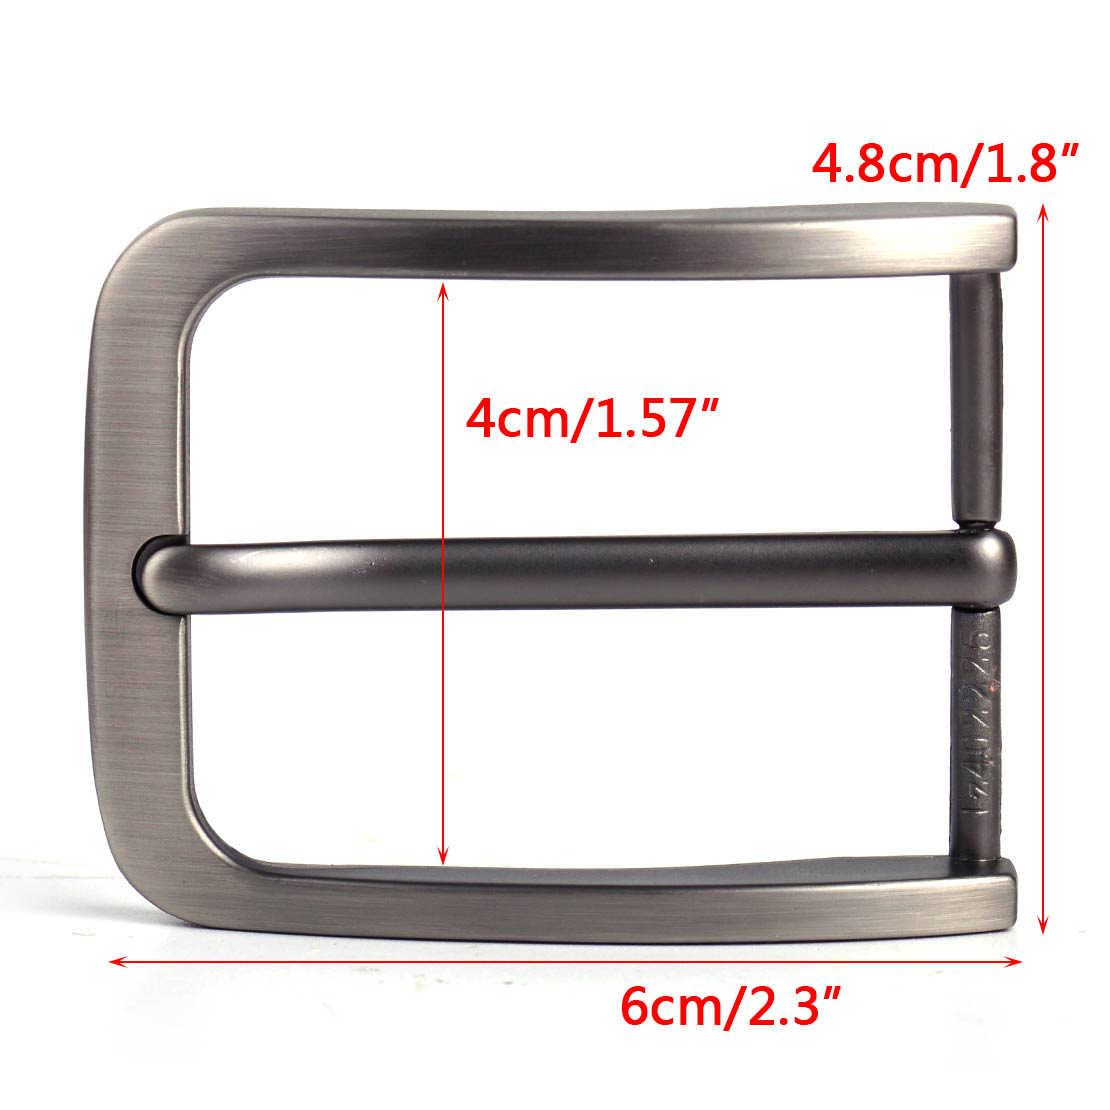 LETAOSK 4 cm Retangular Liga Pino Único Pino de Fivela de Clipe para Cinto De Homens De Couro Substituição Spare